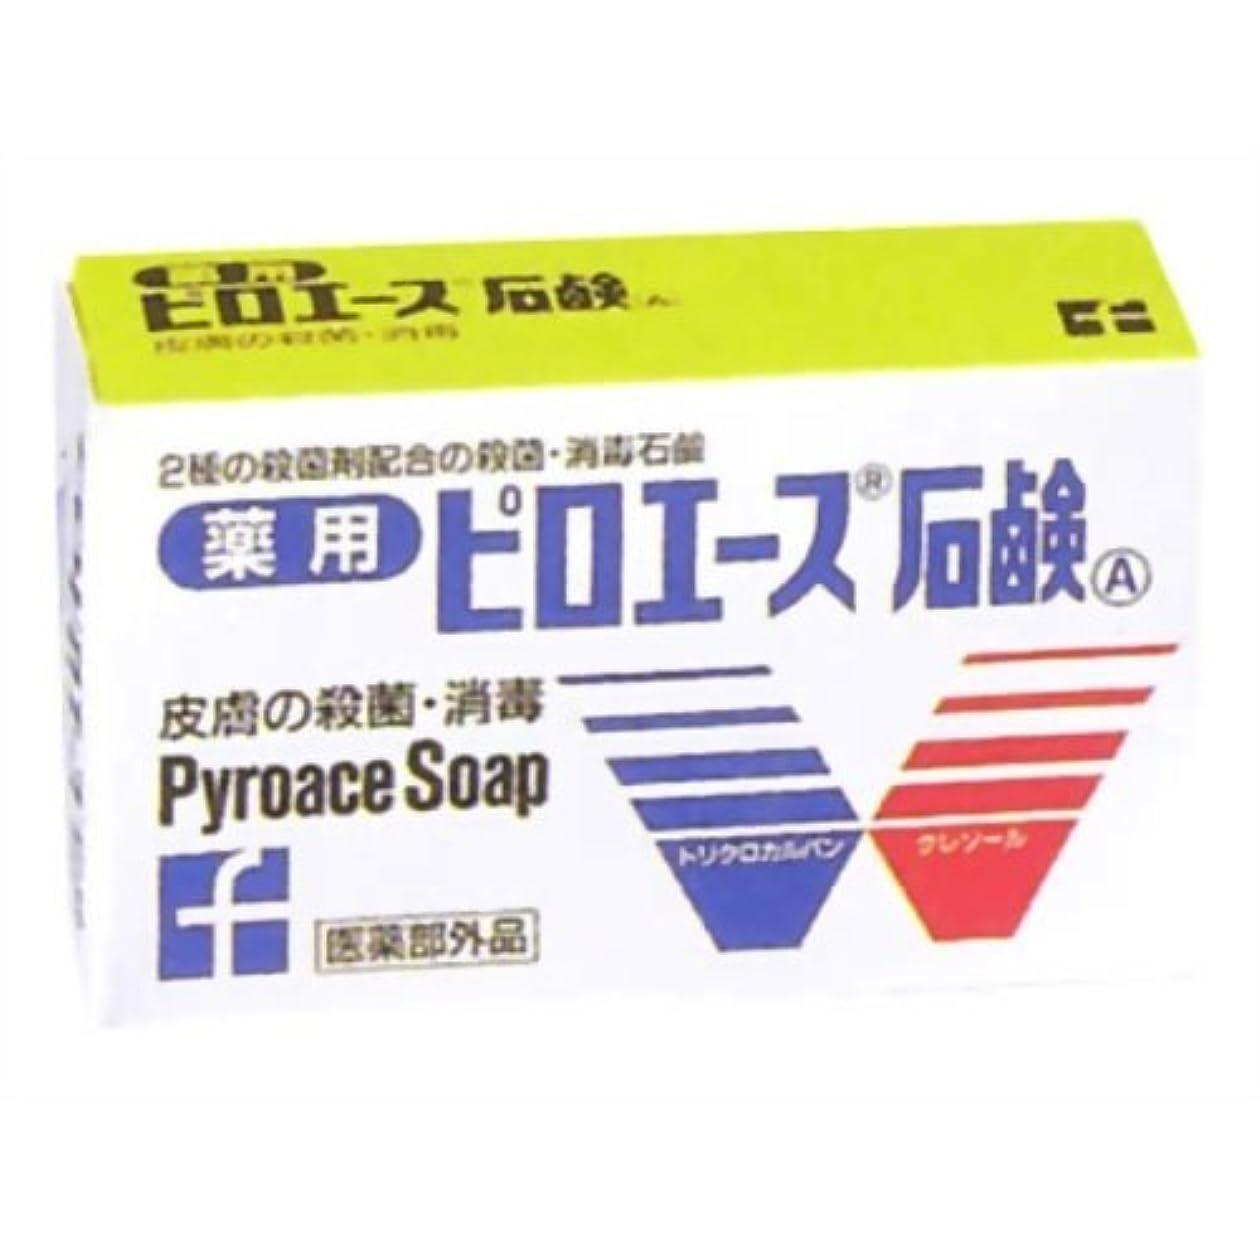 観客軍団マイクロ【第一三共ヘルスケア】ピロエース石鹸 70g